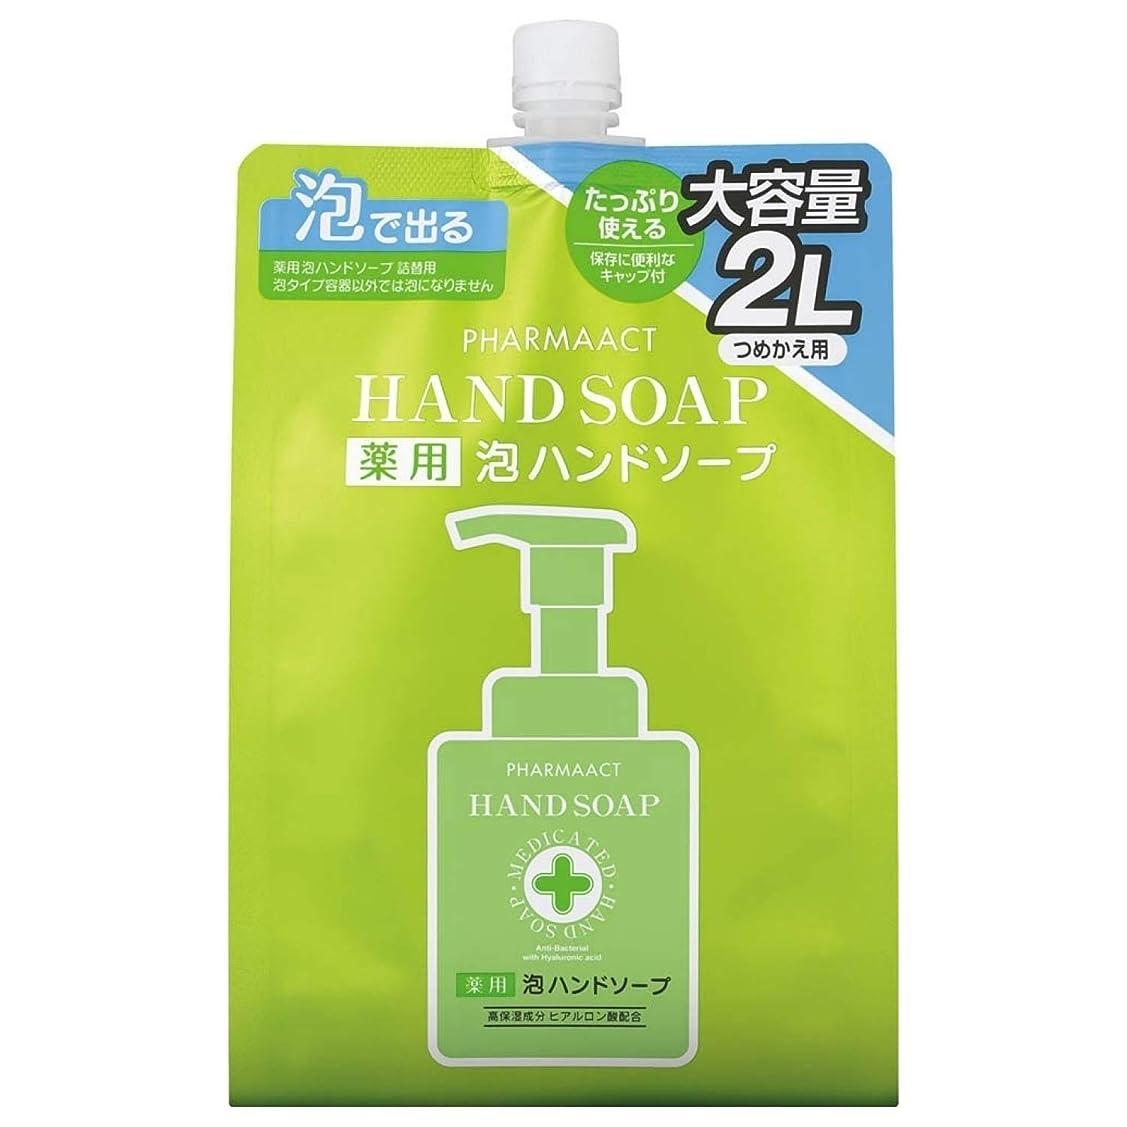 敬意好きである東熊野油脂 PHARMAACT(ファーマアクト) 薬用泡ハンドソープ詰替スパウト付 2L